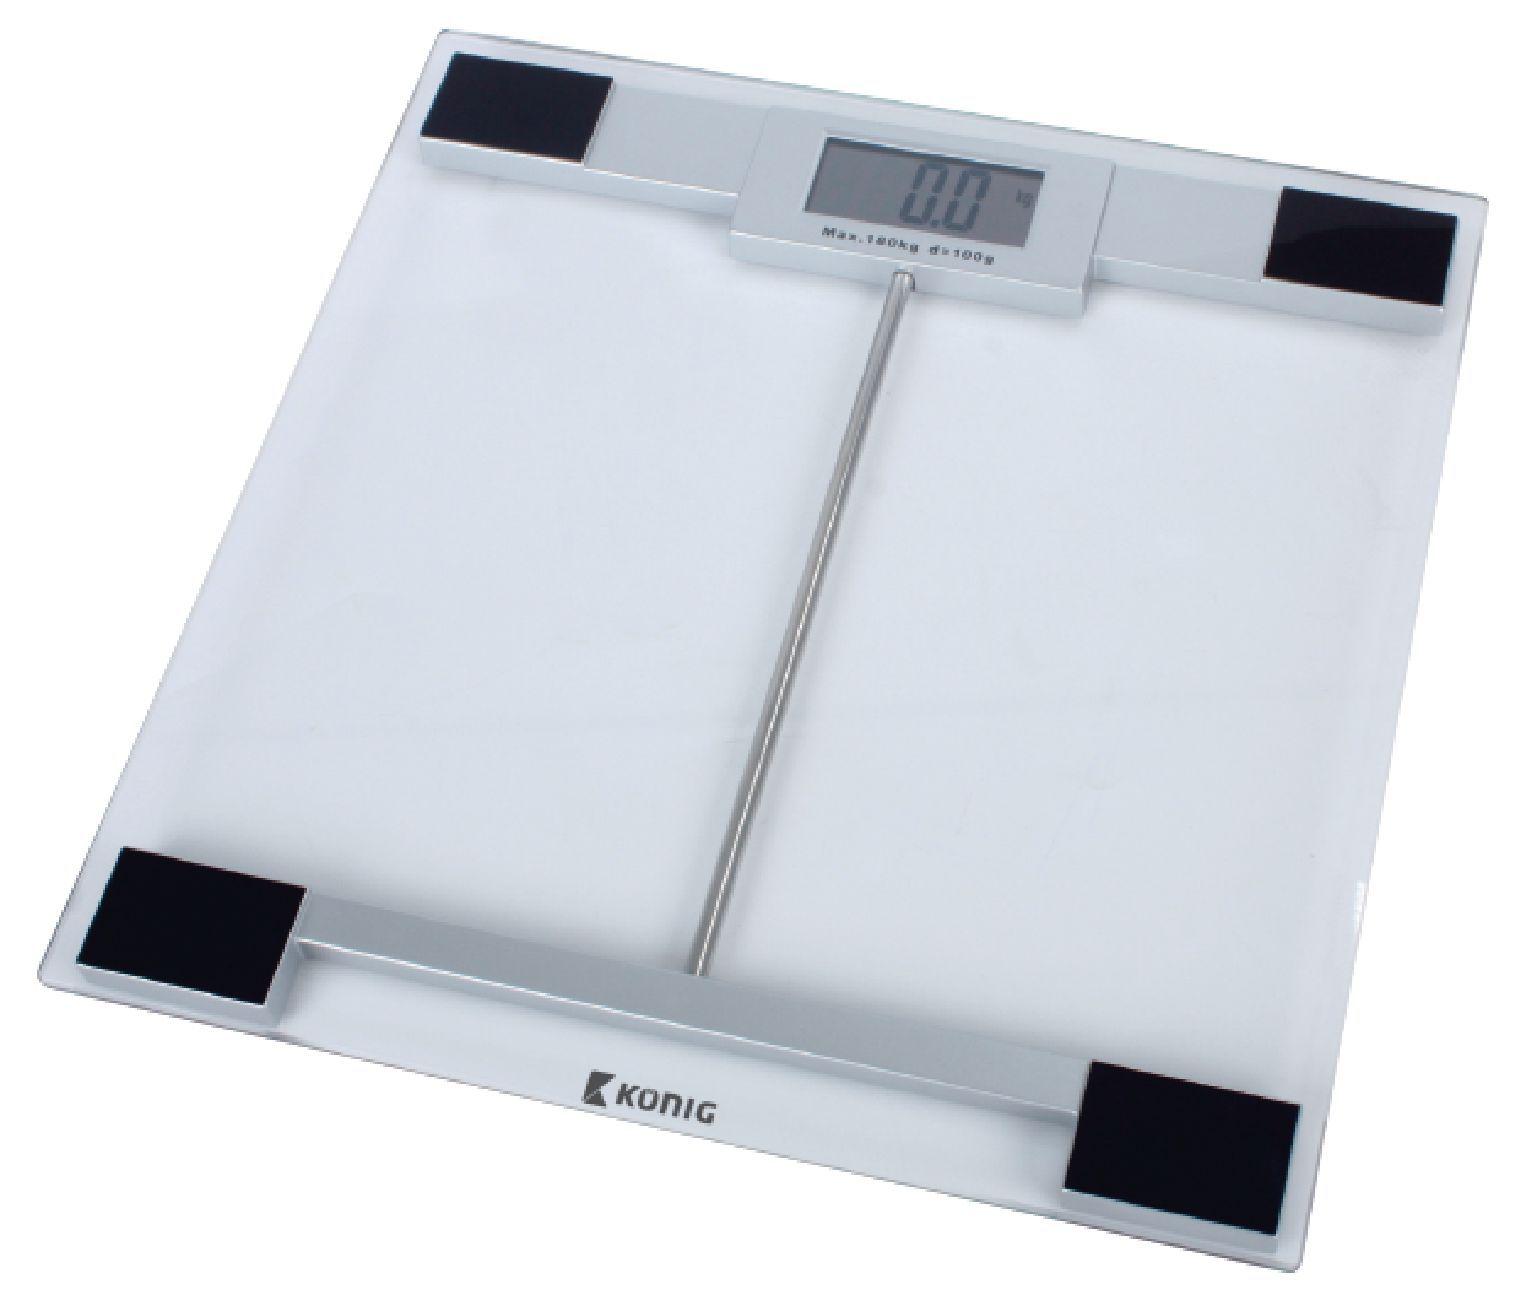 Digitální skleněná osobní váha König 180 kg